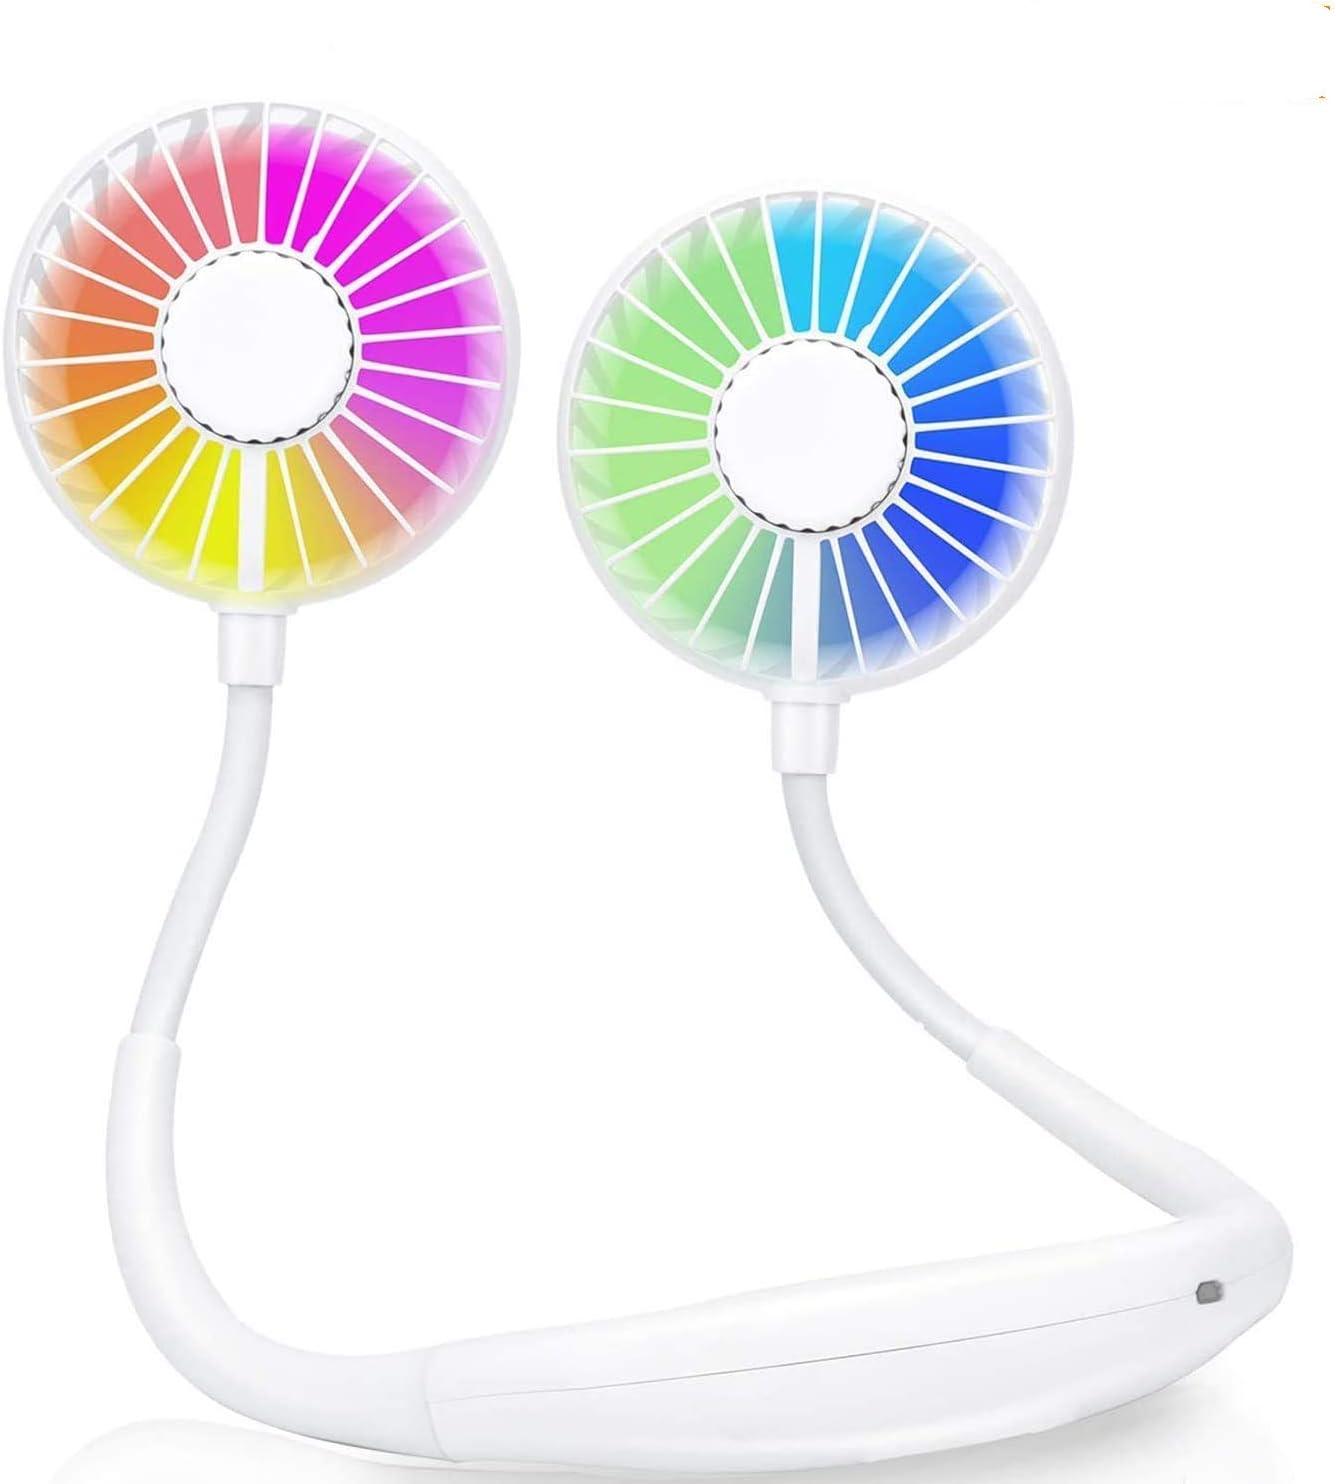 2600MAH Ventilador de Cuello, Ventilador Cuello, USB Recargable Ventilador Portatil, 3 velocidades, rotación Libre de 360 °, luz LED, para Coche Deporte Oficina Hogar Viajar Acampar (Blanco)